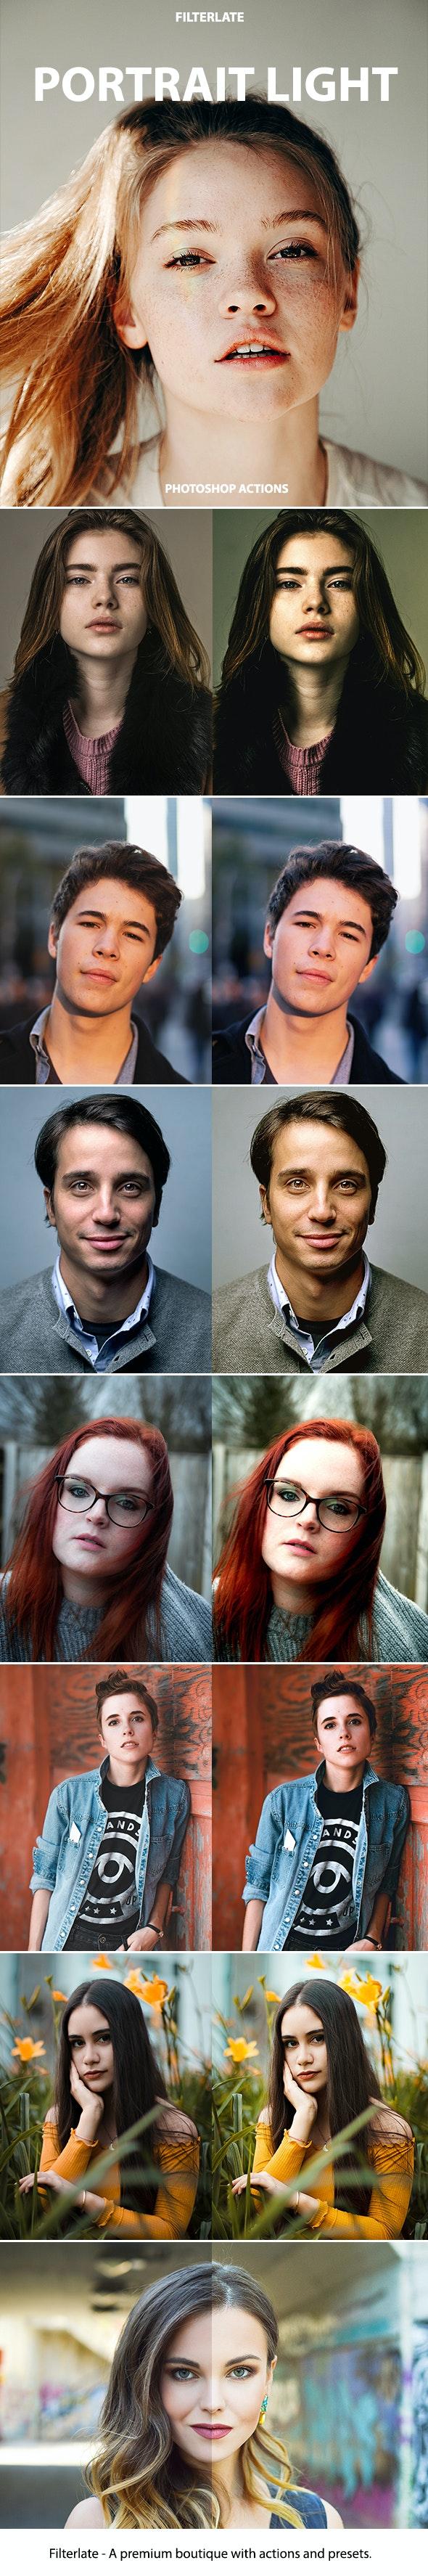 Light Portrait Actions - Actions Photoshop